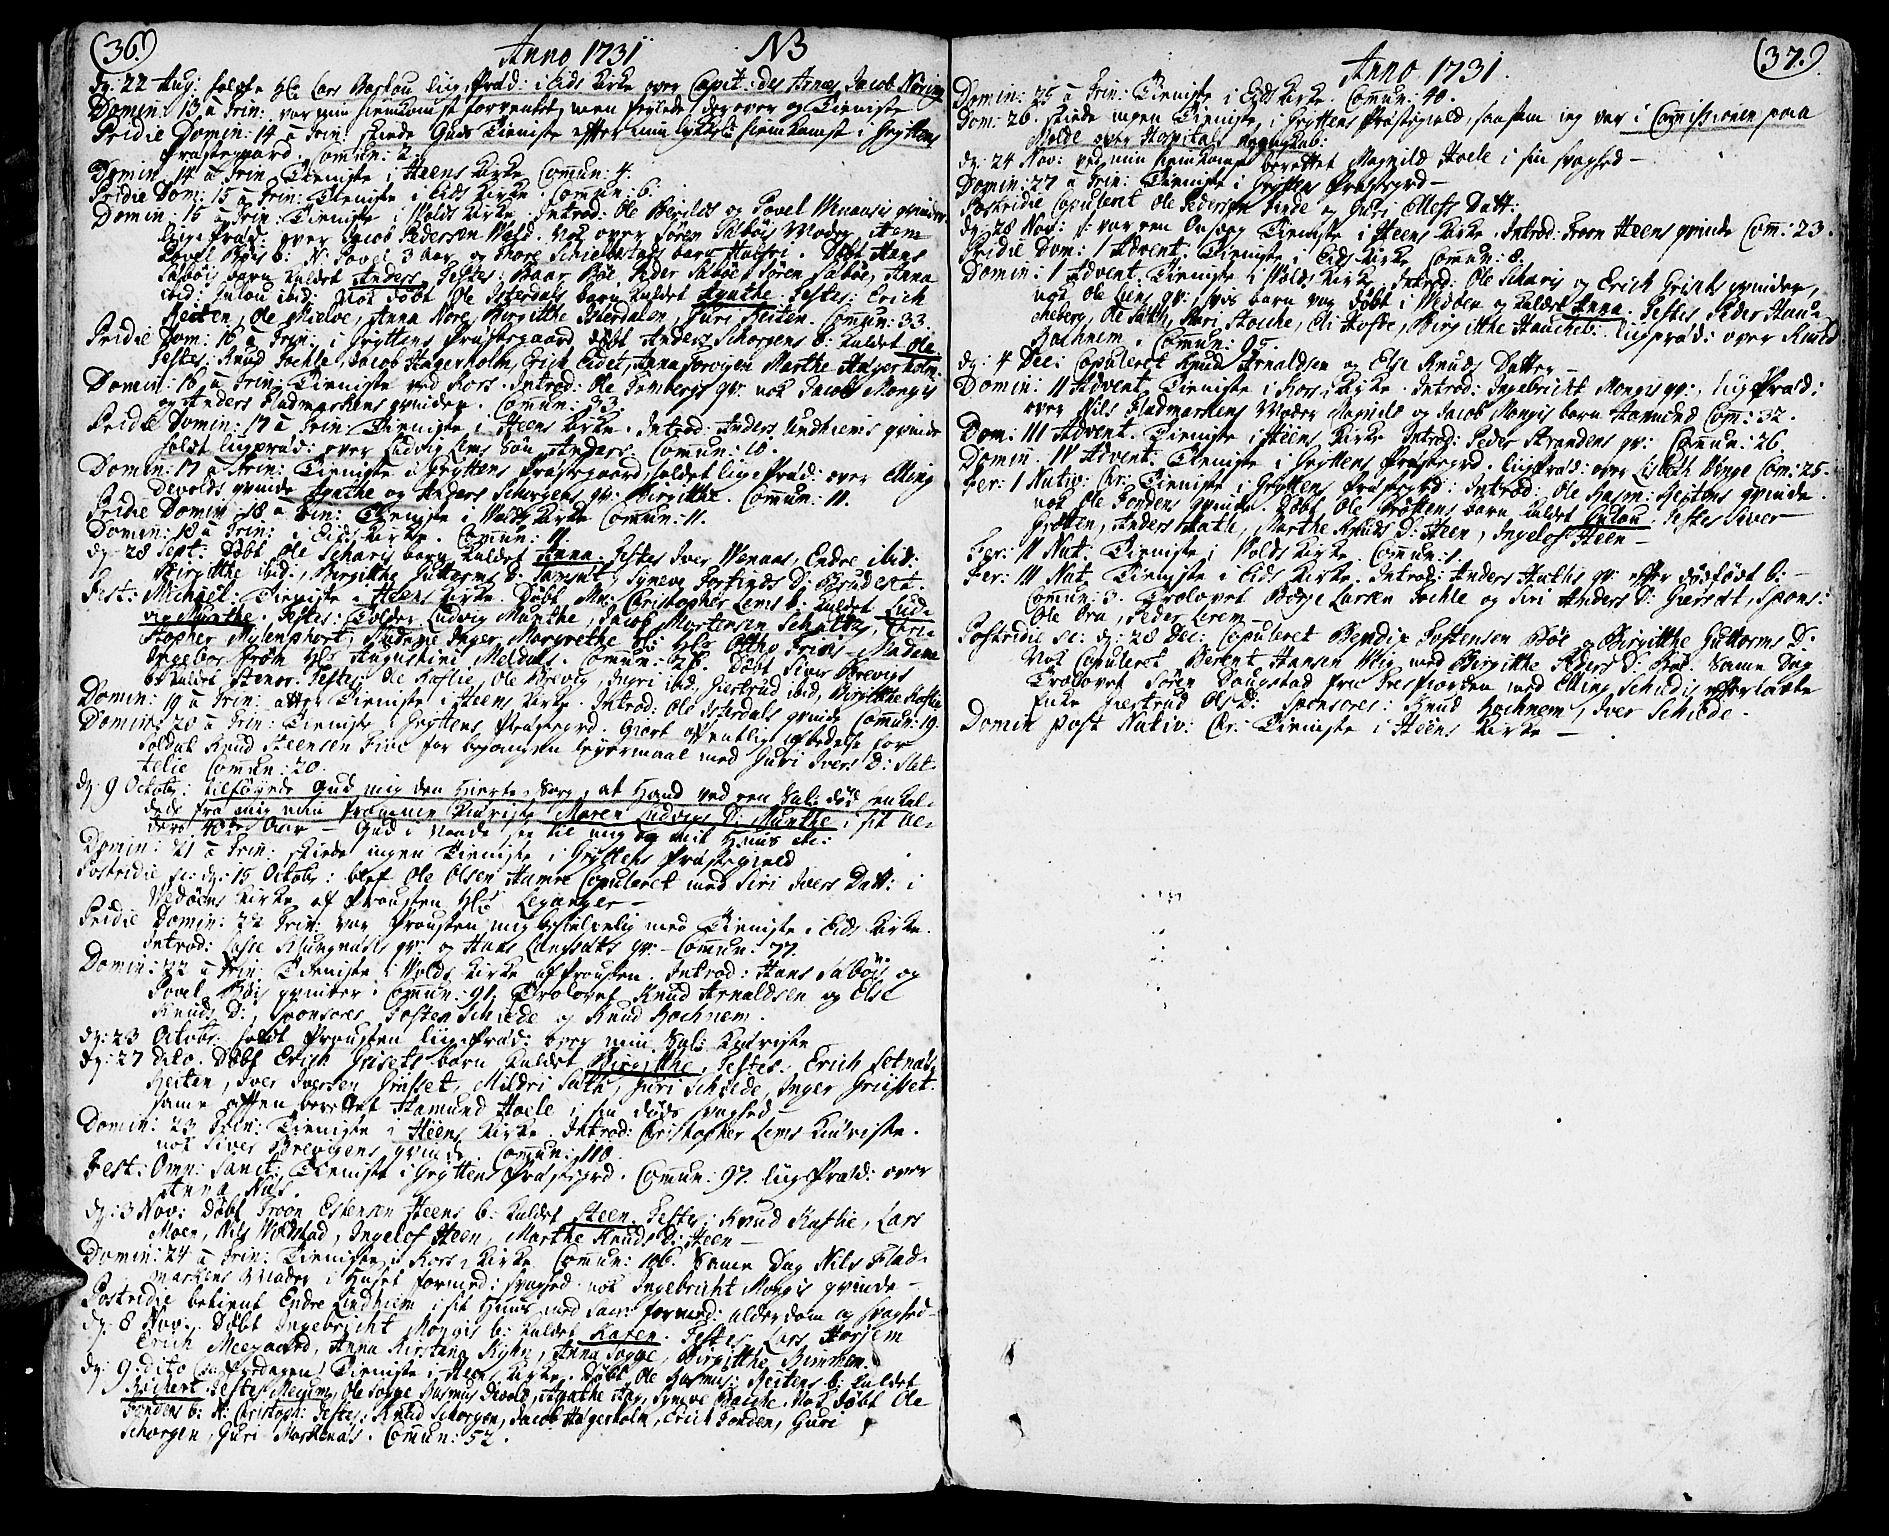 SAT, Ministerialprotokoller, klokkerbøker og fødselsregistre - Møre og Romsdal, 544/L0568: Ministerialbok nr. 544A01, 1725-1763, s. 36-37